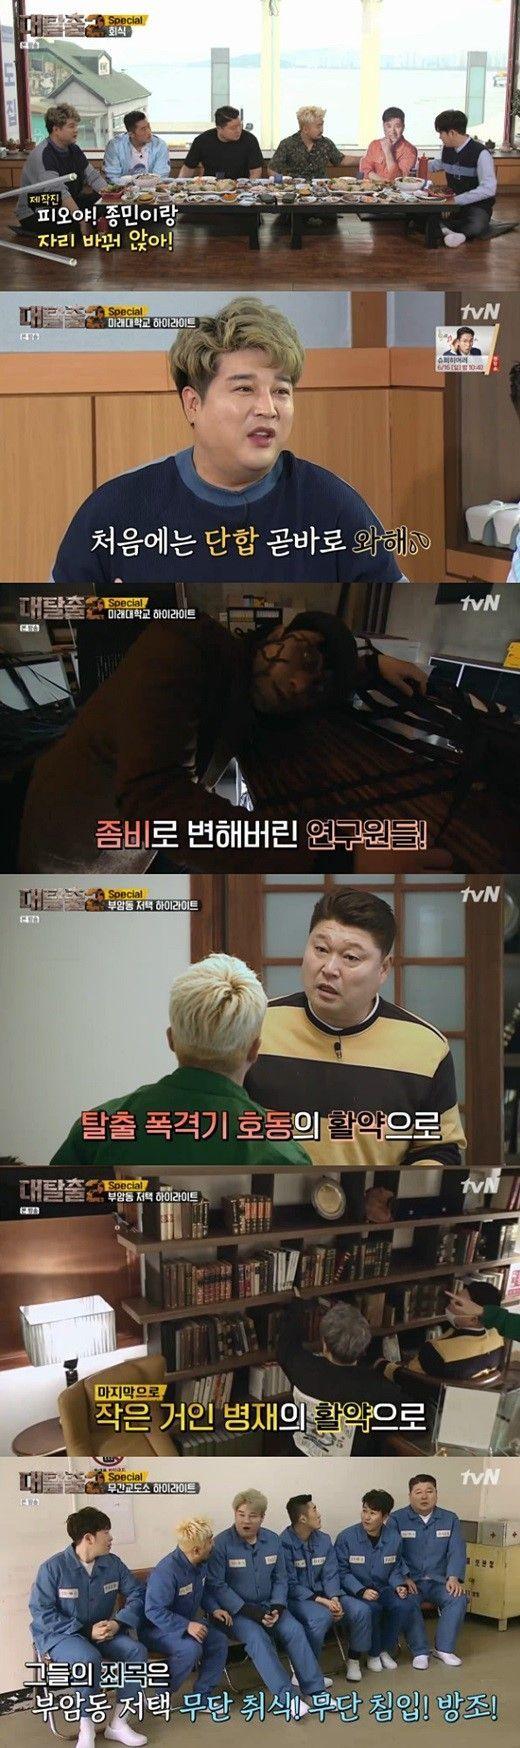 사진= tvN '대탈출2' 화면 캡처